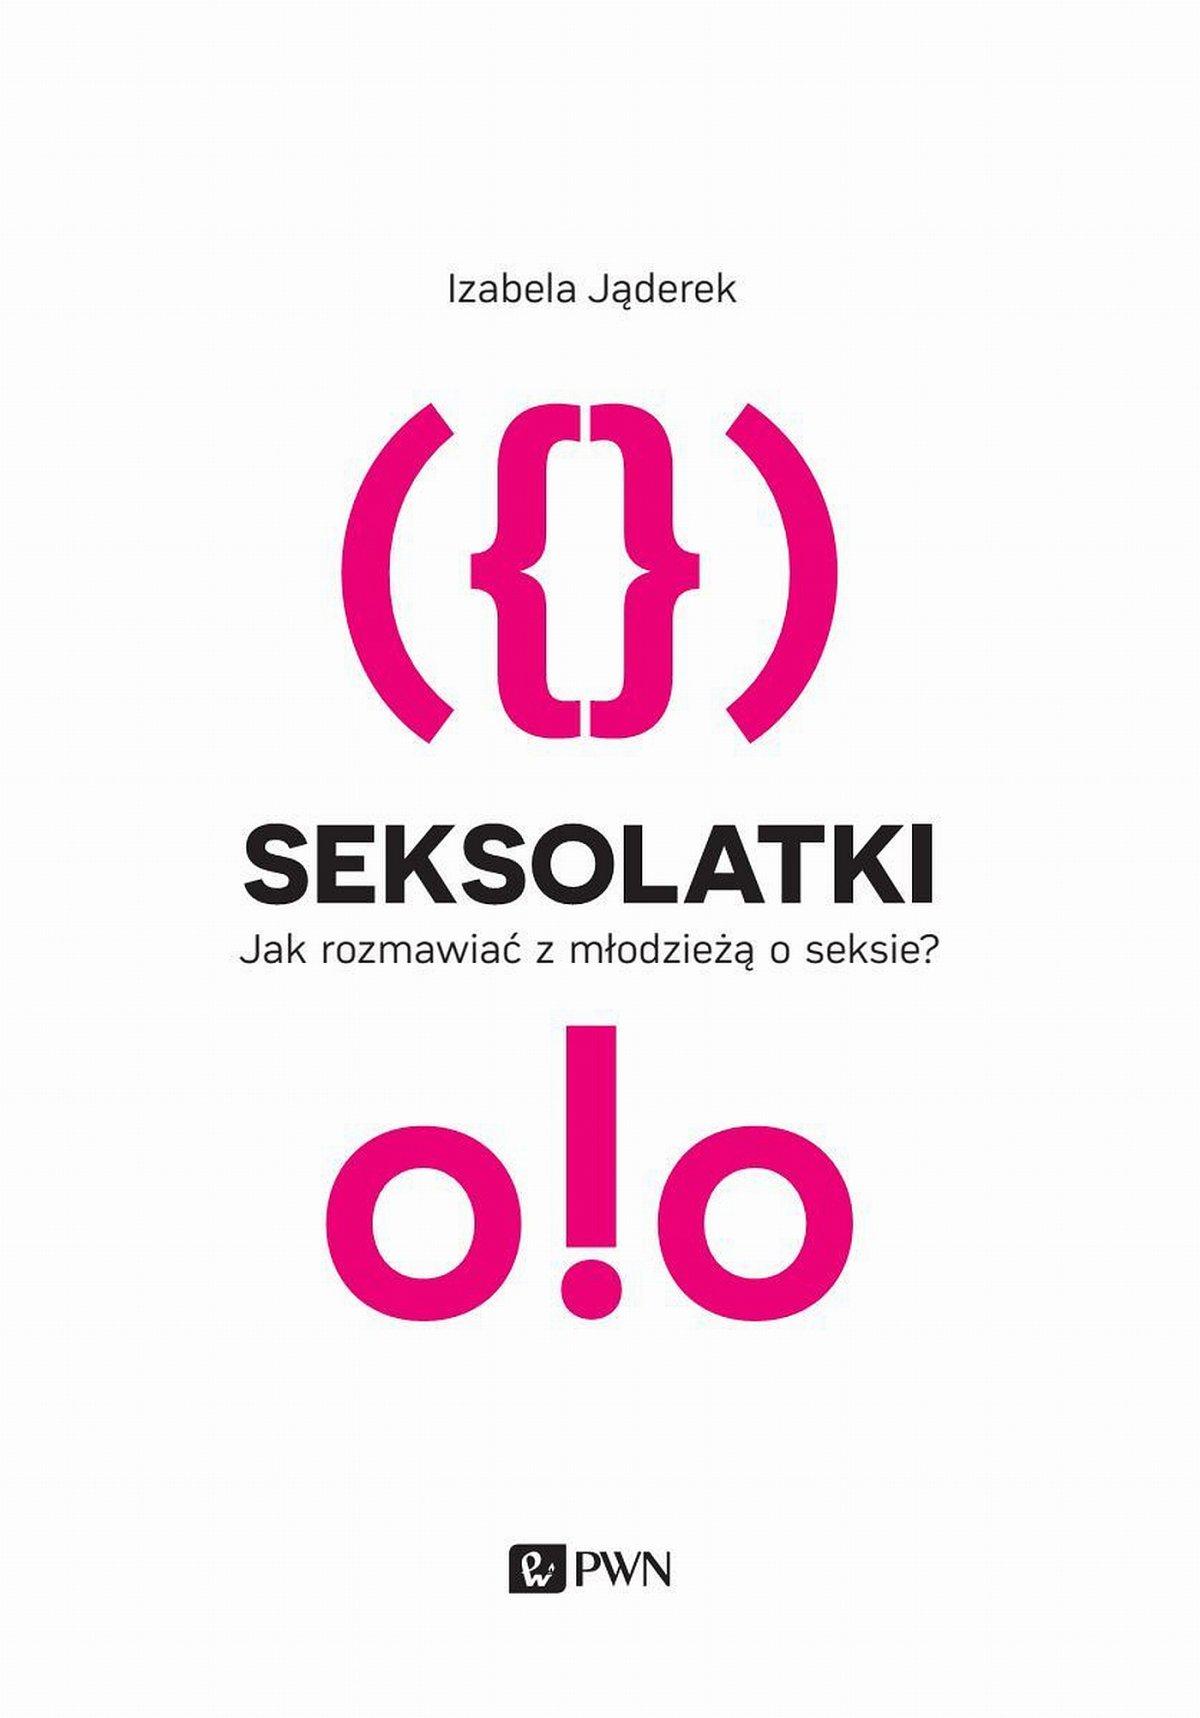 Seksolatki. Jak rozmawiać z młodzieżą o seksie? - Ebook (Książka na Kindle) do pobrania w formacie MOBI